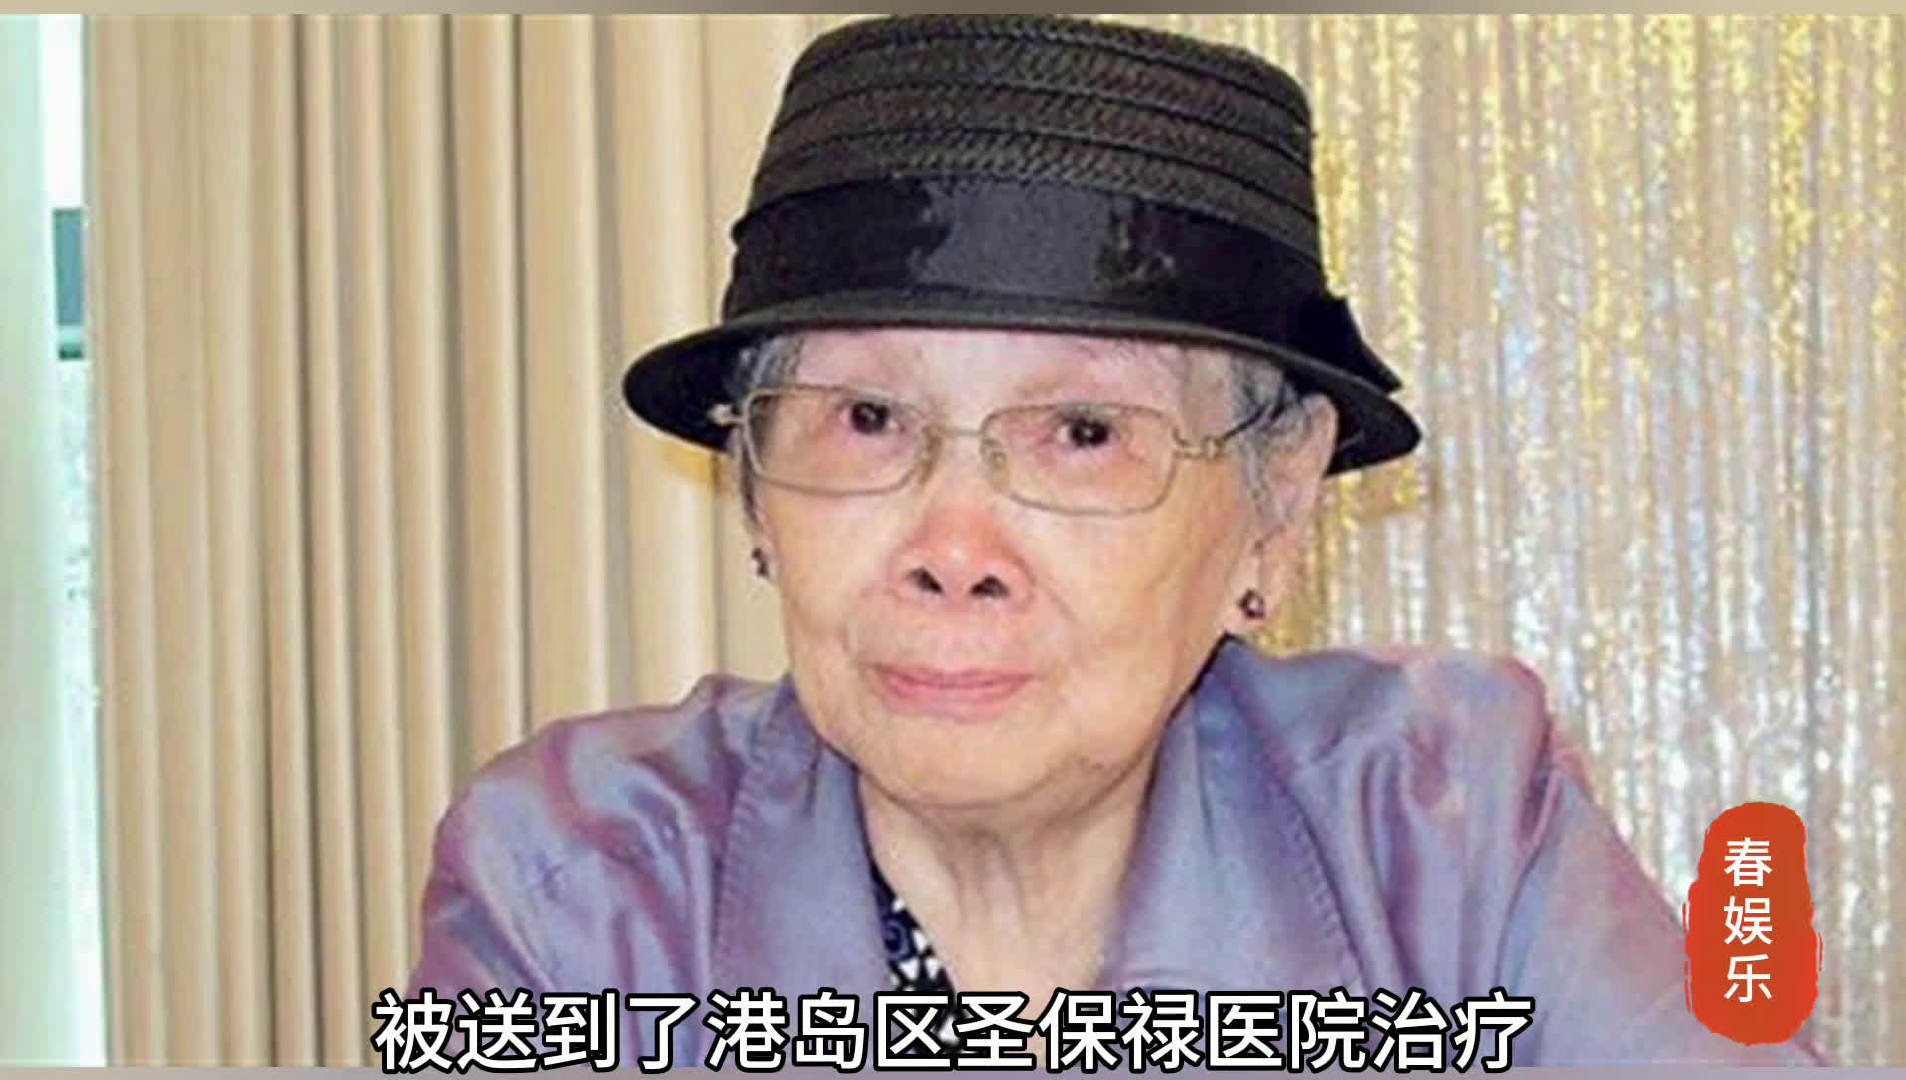 港媒曝梅艳芳97岁母亲因病入院 哥哥梅启明不在医院陪伴却在享乐